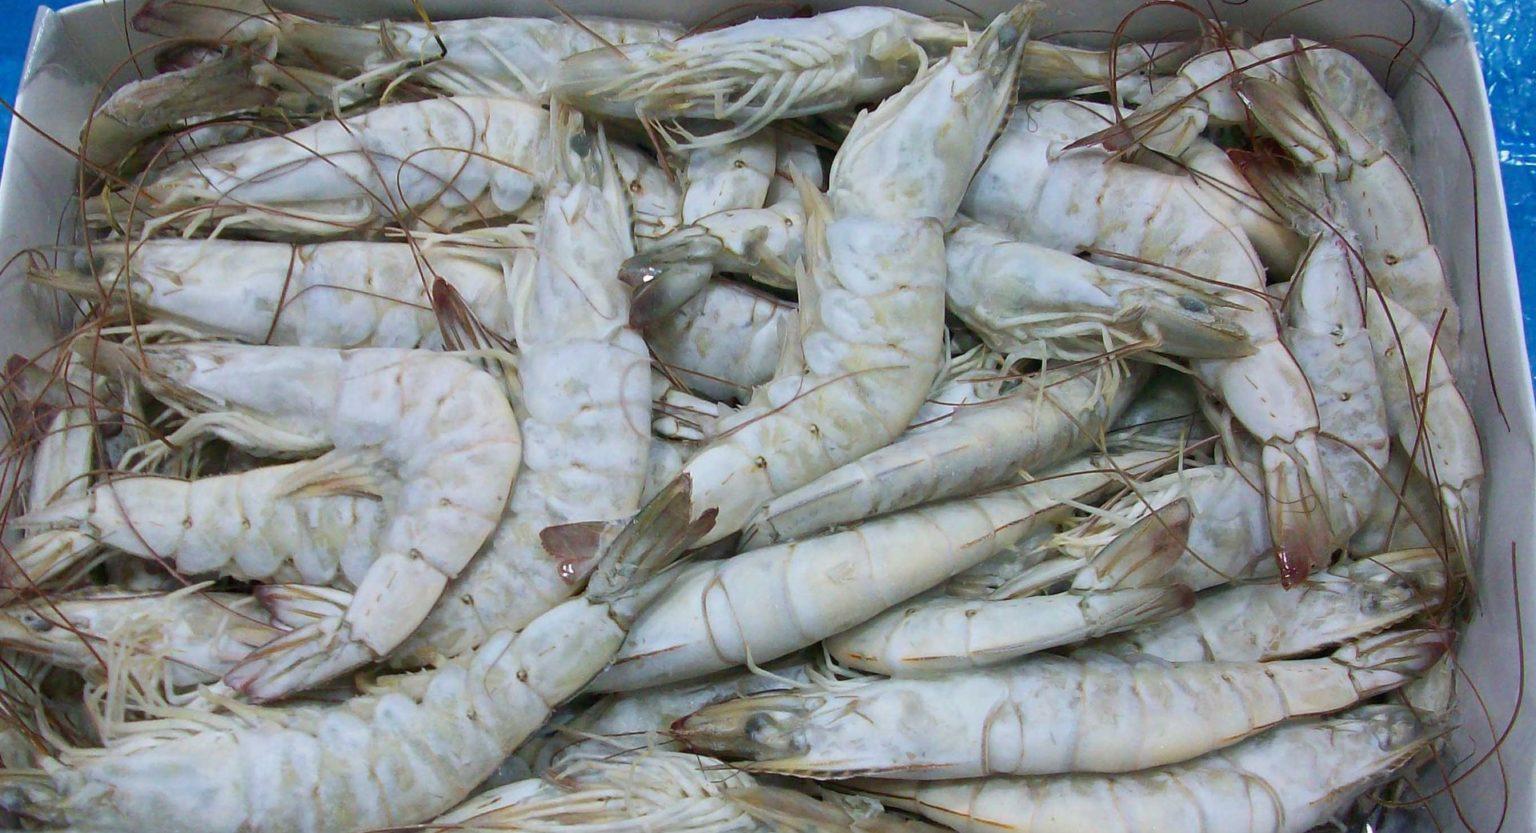 Gặp khó ở Trung Quốc, ngành tôm Ecuador chuyển hướng sang thị trường Mỹ - Ảnh 1.